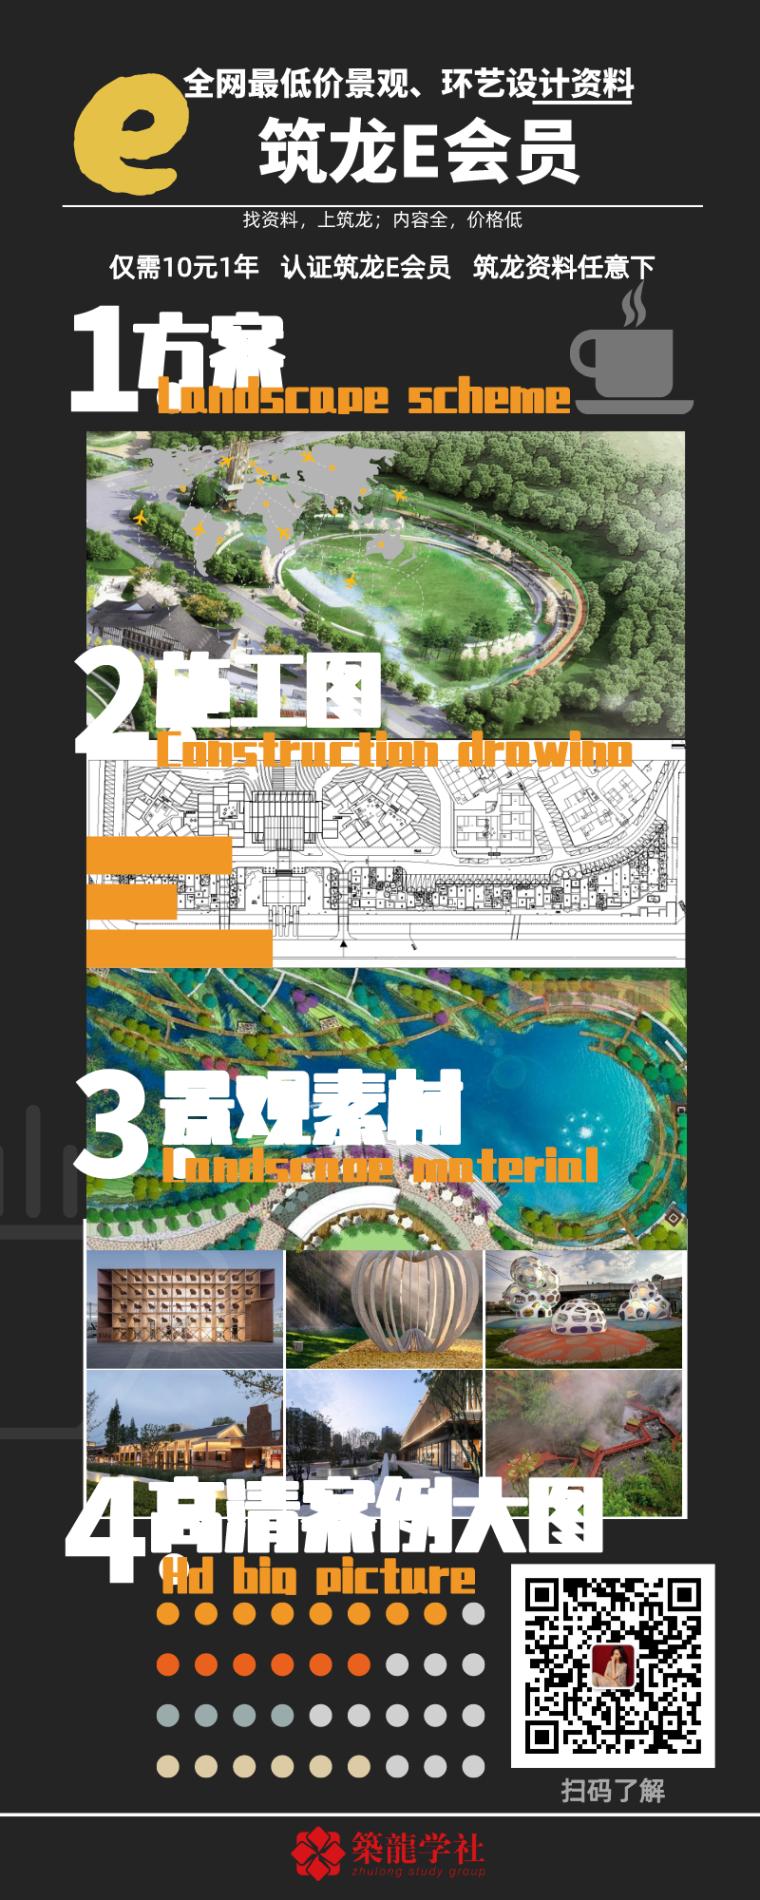 已开奖!E会员福利!景观专业好书免费送~-默认标题_长图海报_2020-08-10-0